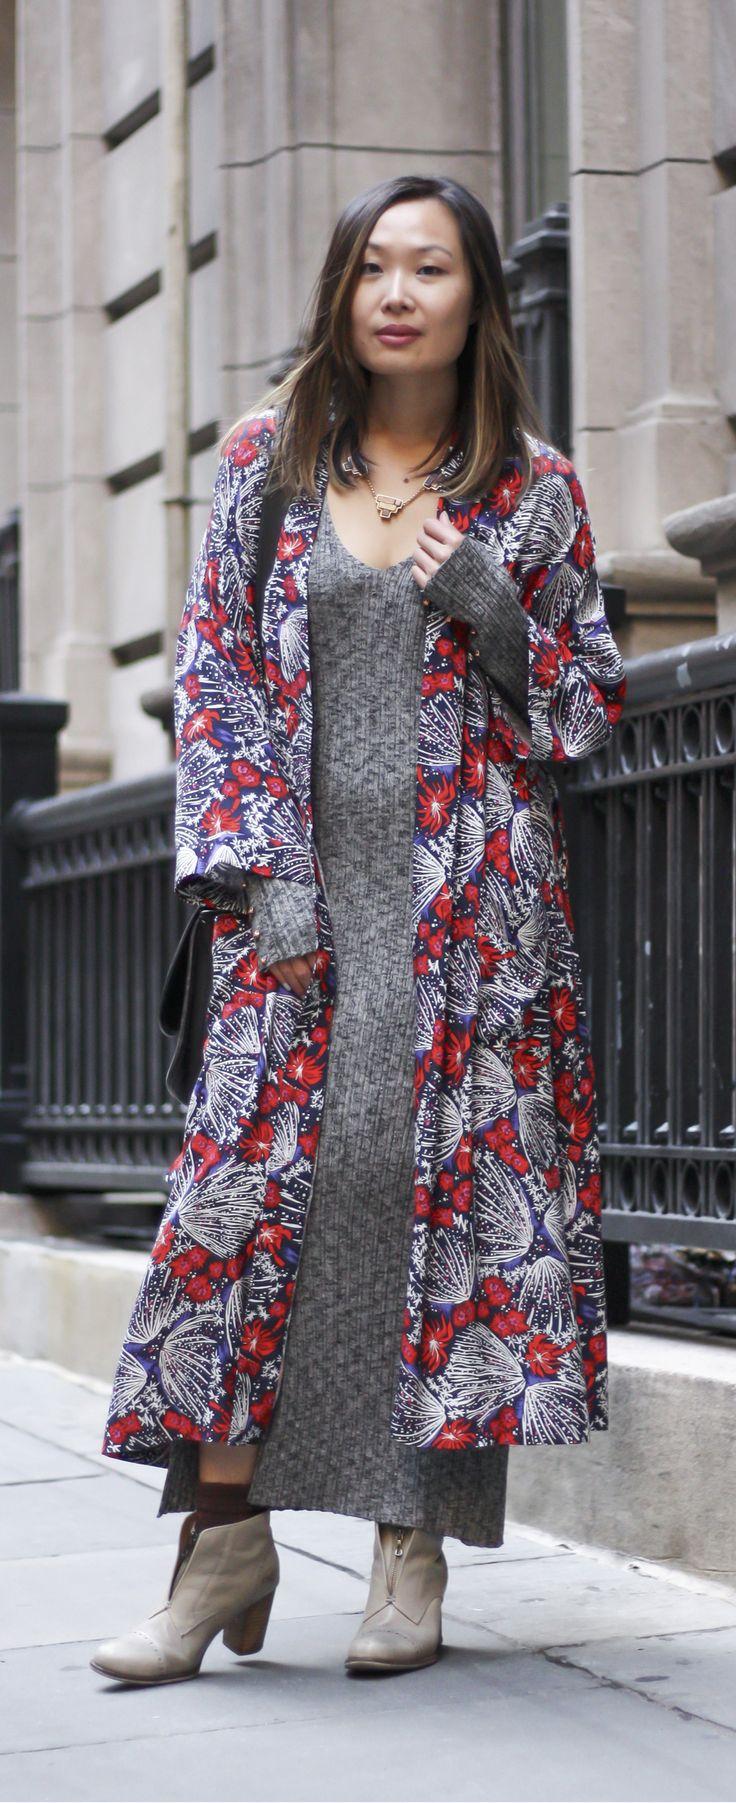 Kimono outfit fall, kimono outfit ideas, how to style a kimono, floral kimono. Full post on www.layersofchic.com